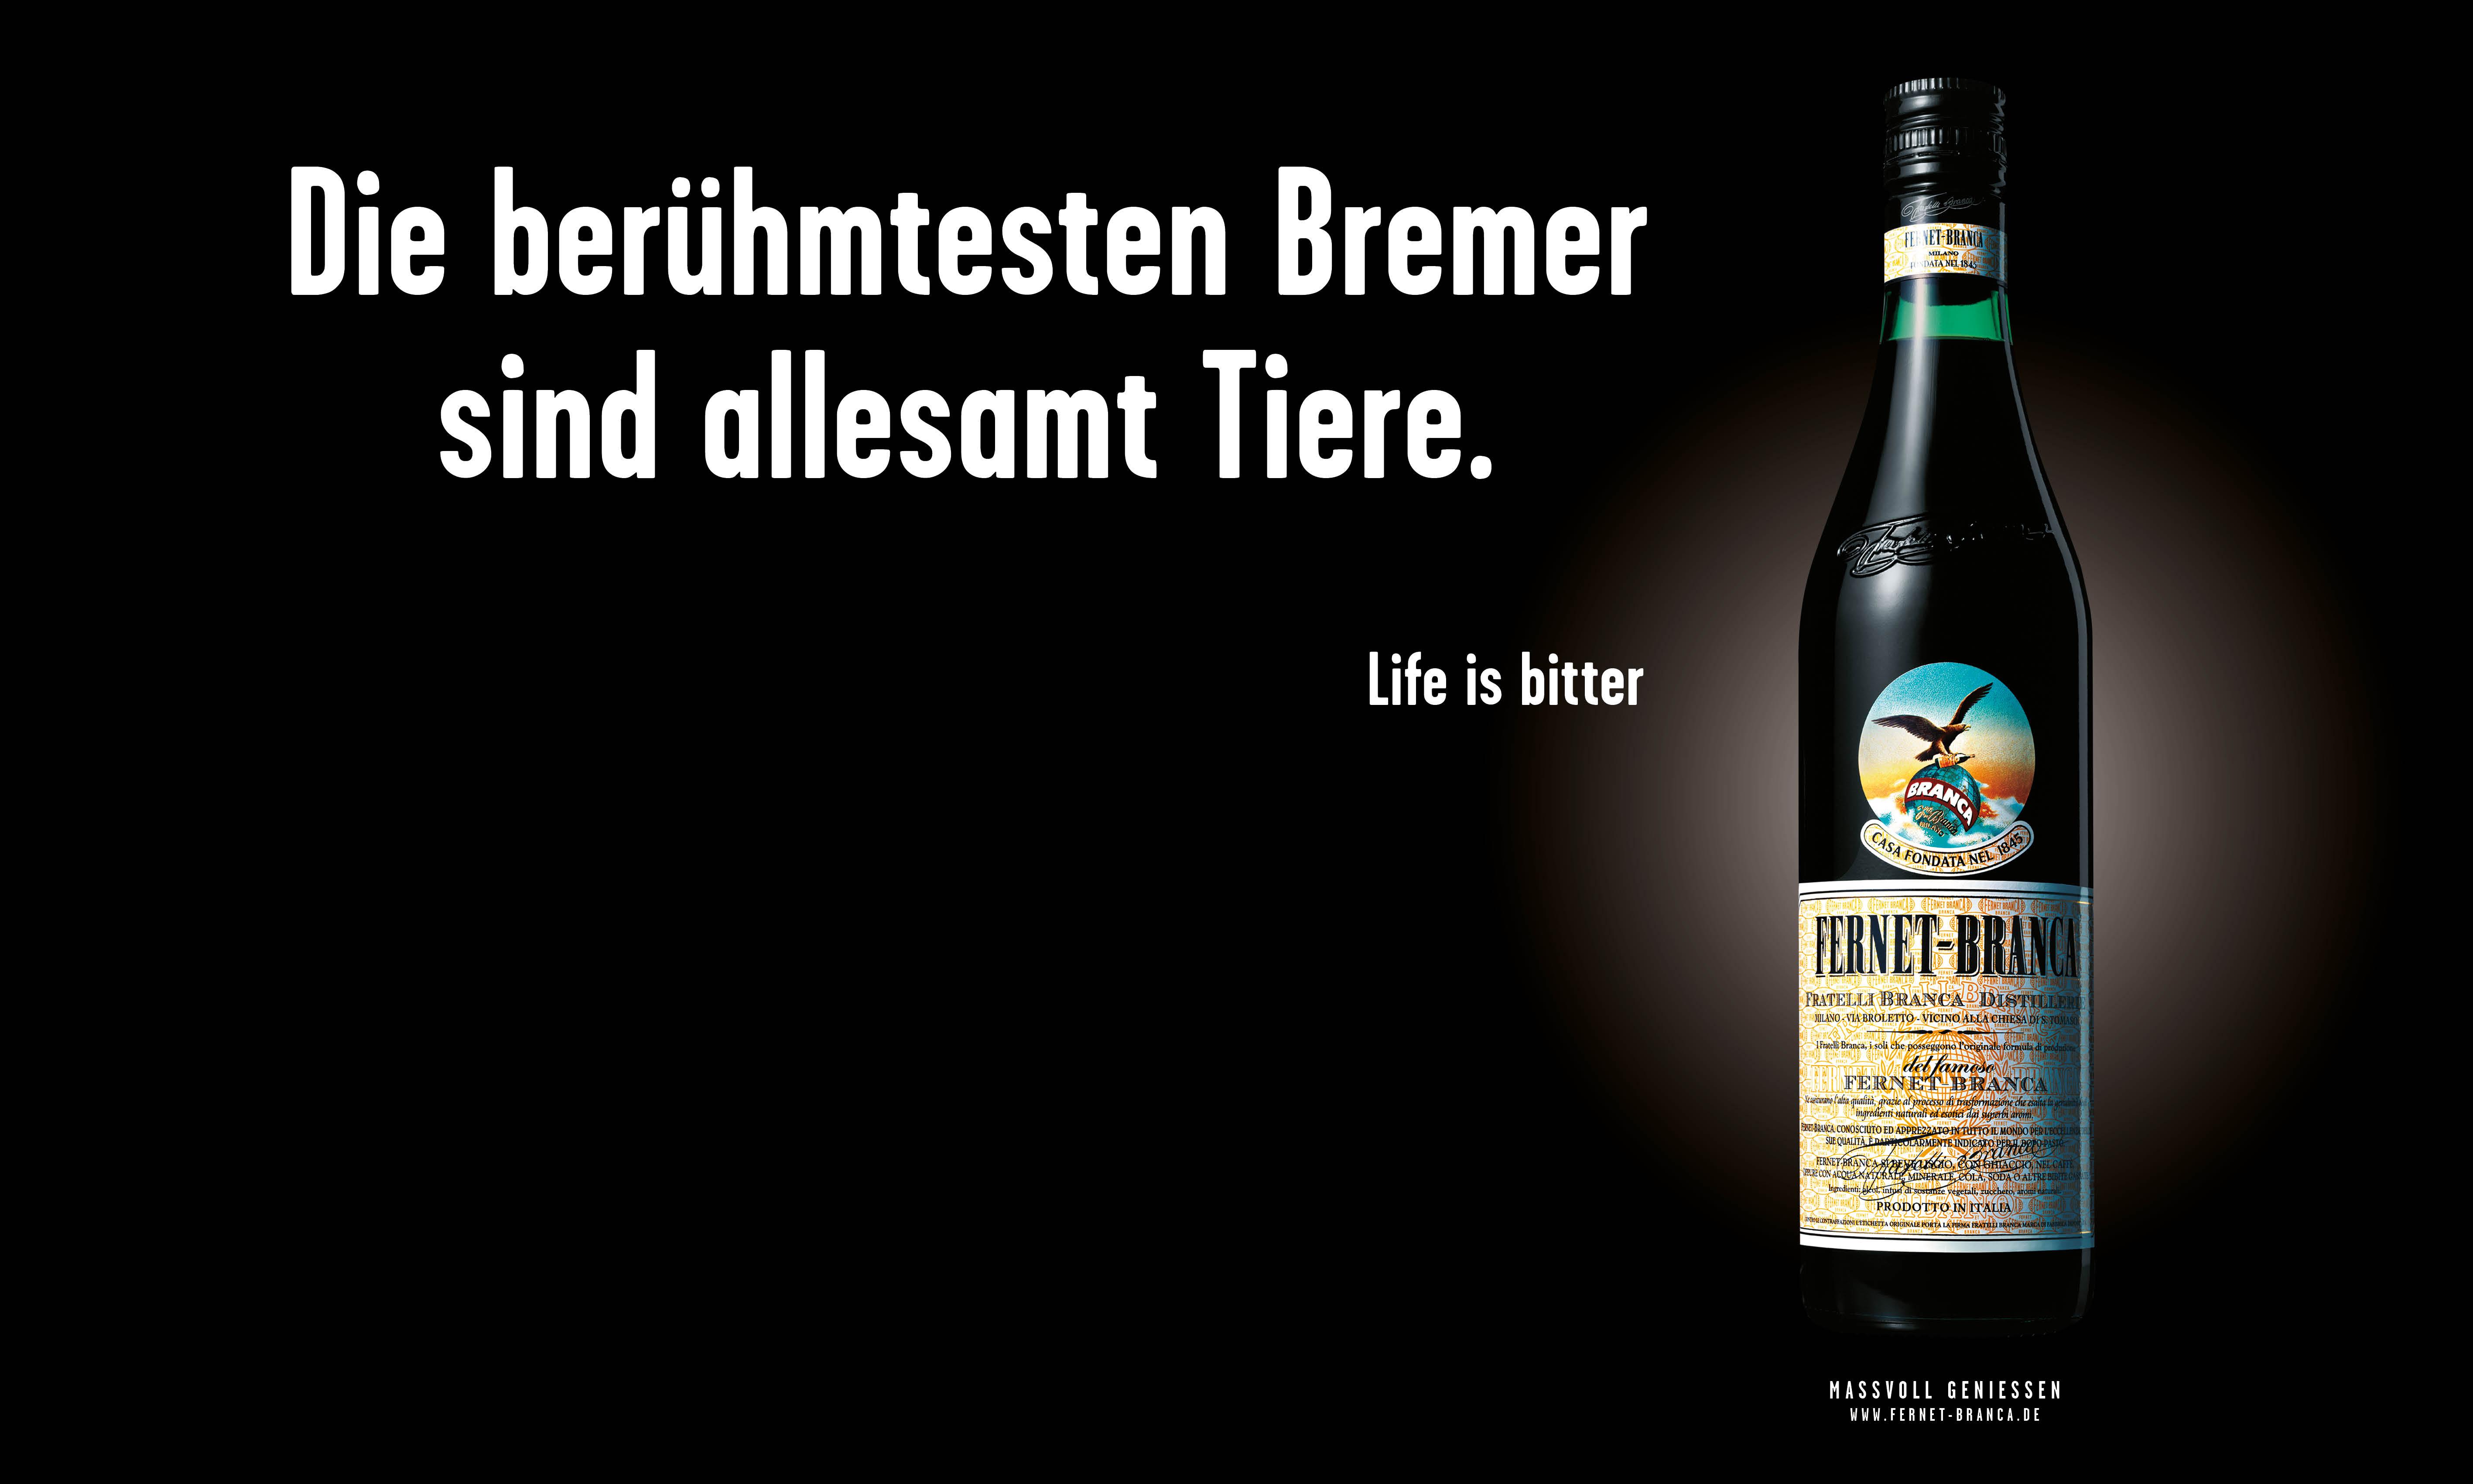 """Fernet-Branca """"Life is bitter""""-Kampagne geht in die nächste Runde"""